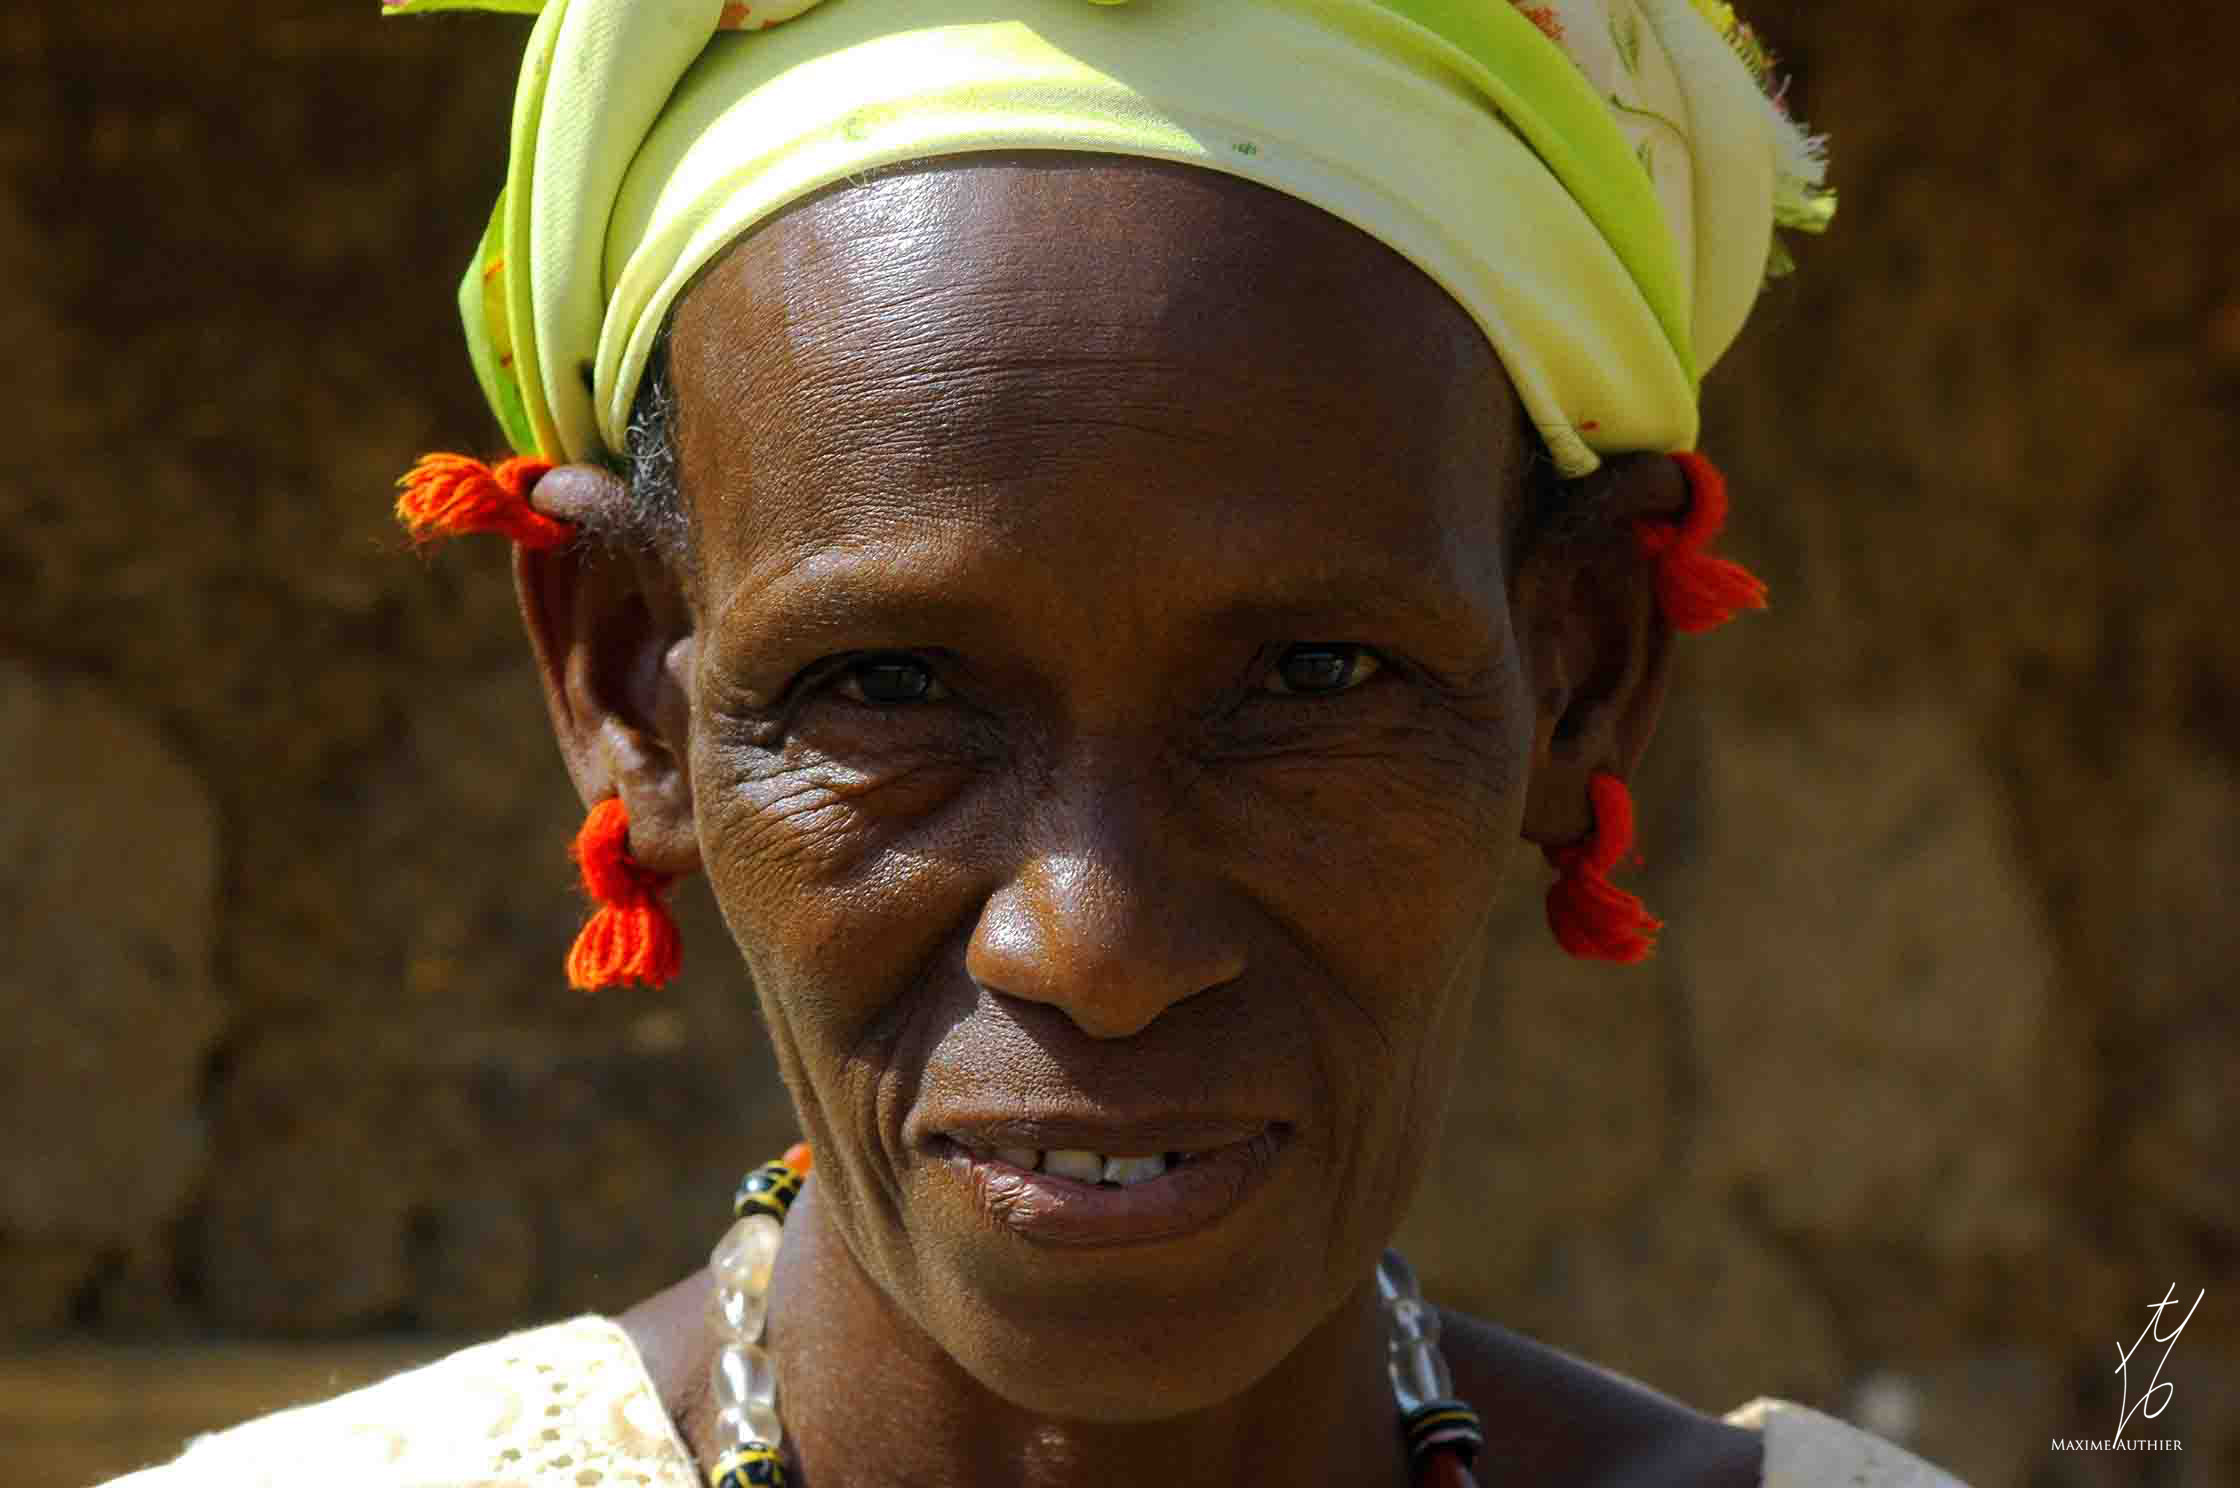 Photographie d'une femme du peuple Peul en Afrique.